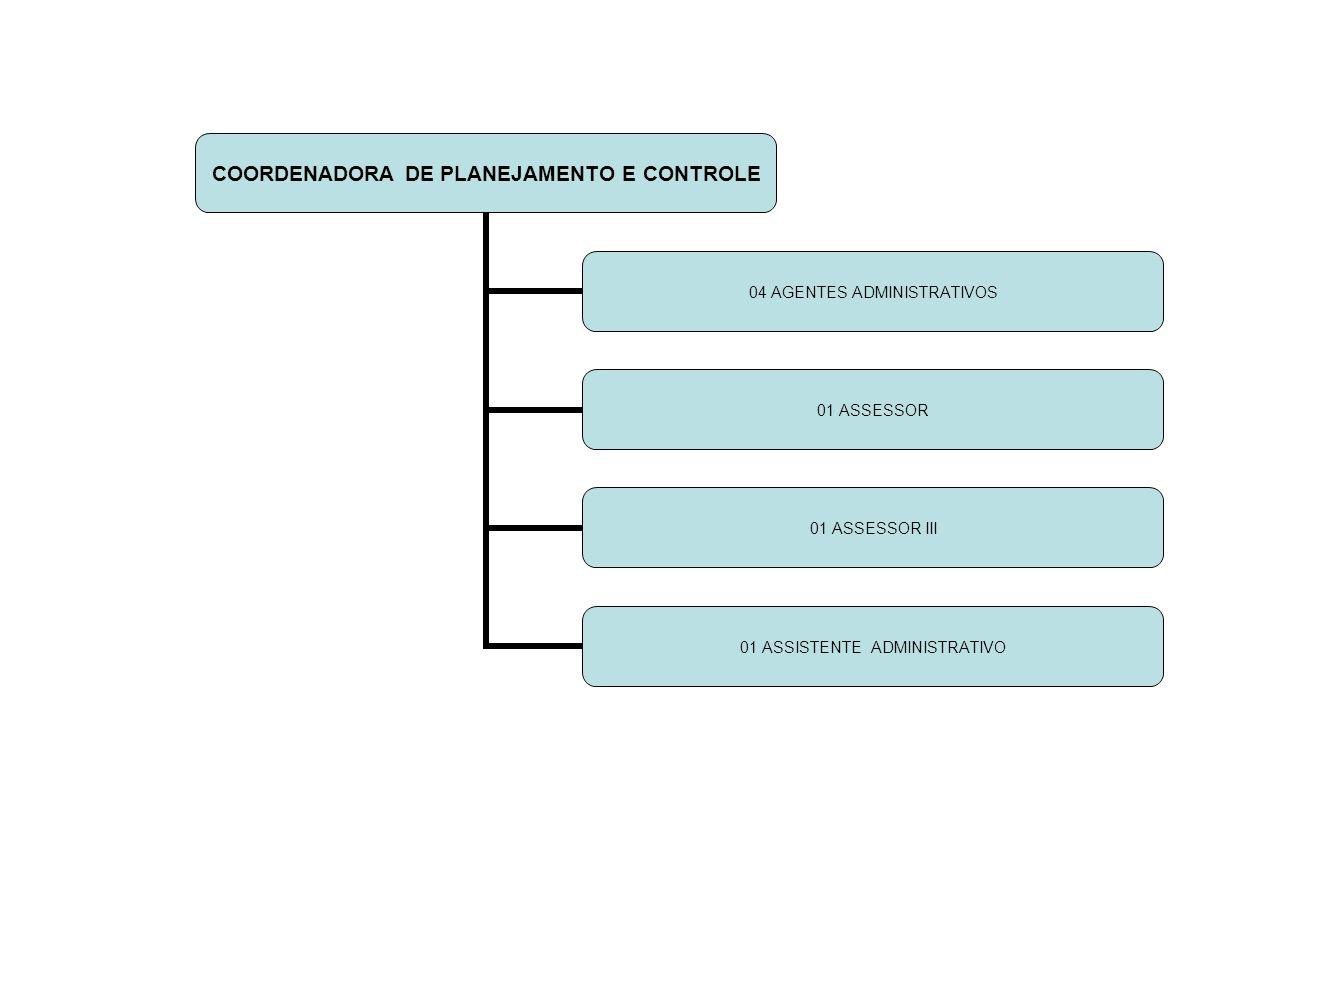 COORDENADORA DE PLANEJAMENTO E CONTROLE 04 AGENTES ADMINISTRATIVOS 01 ASSESSOR 01 ASSESSOR III 01 ASSISTENTE ADMINISTRATIVO